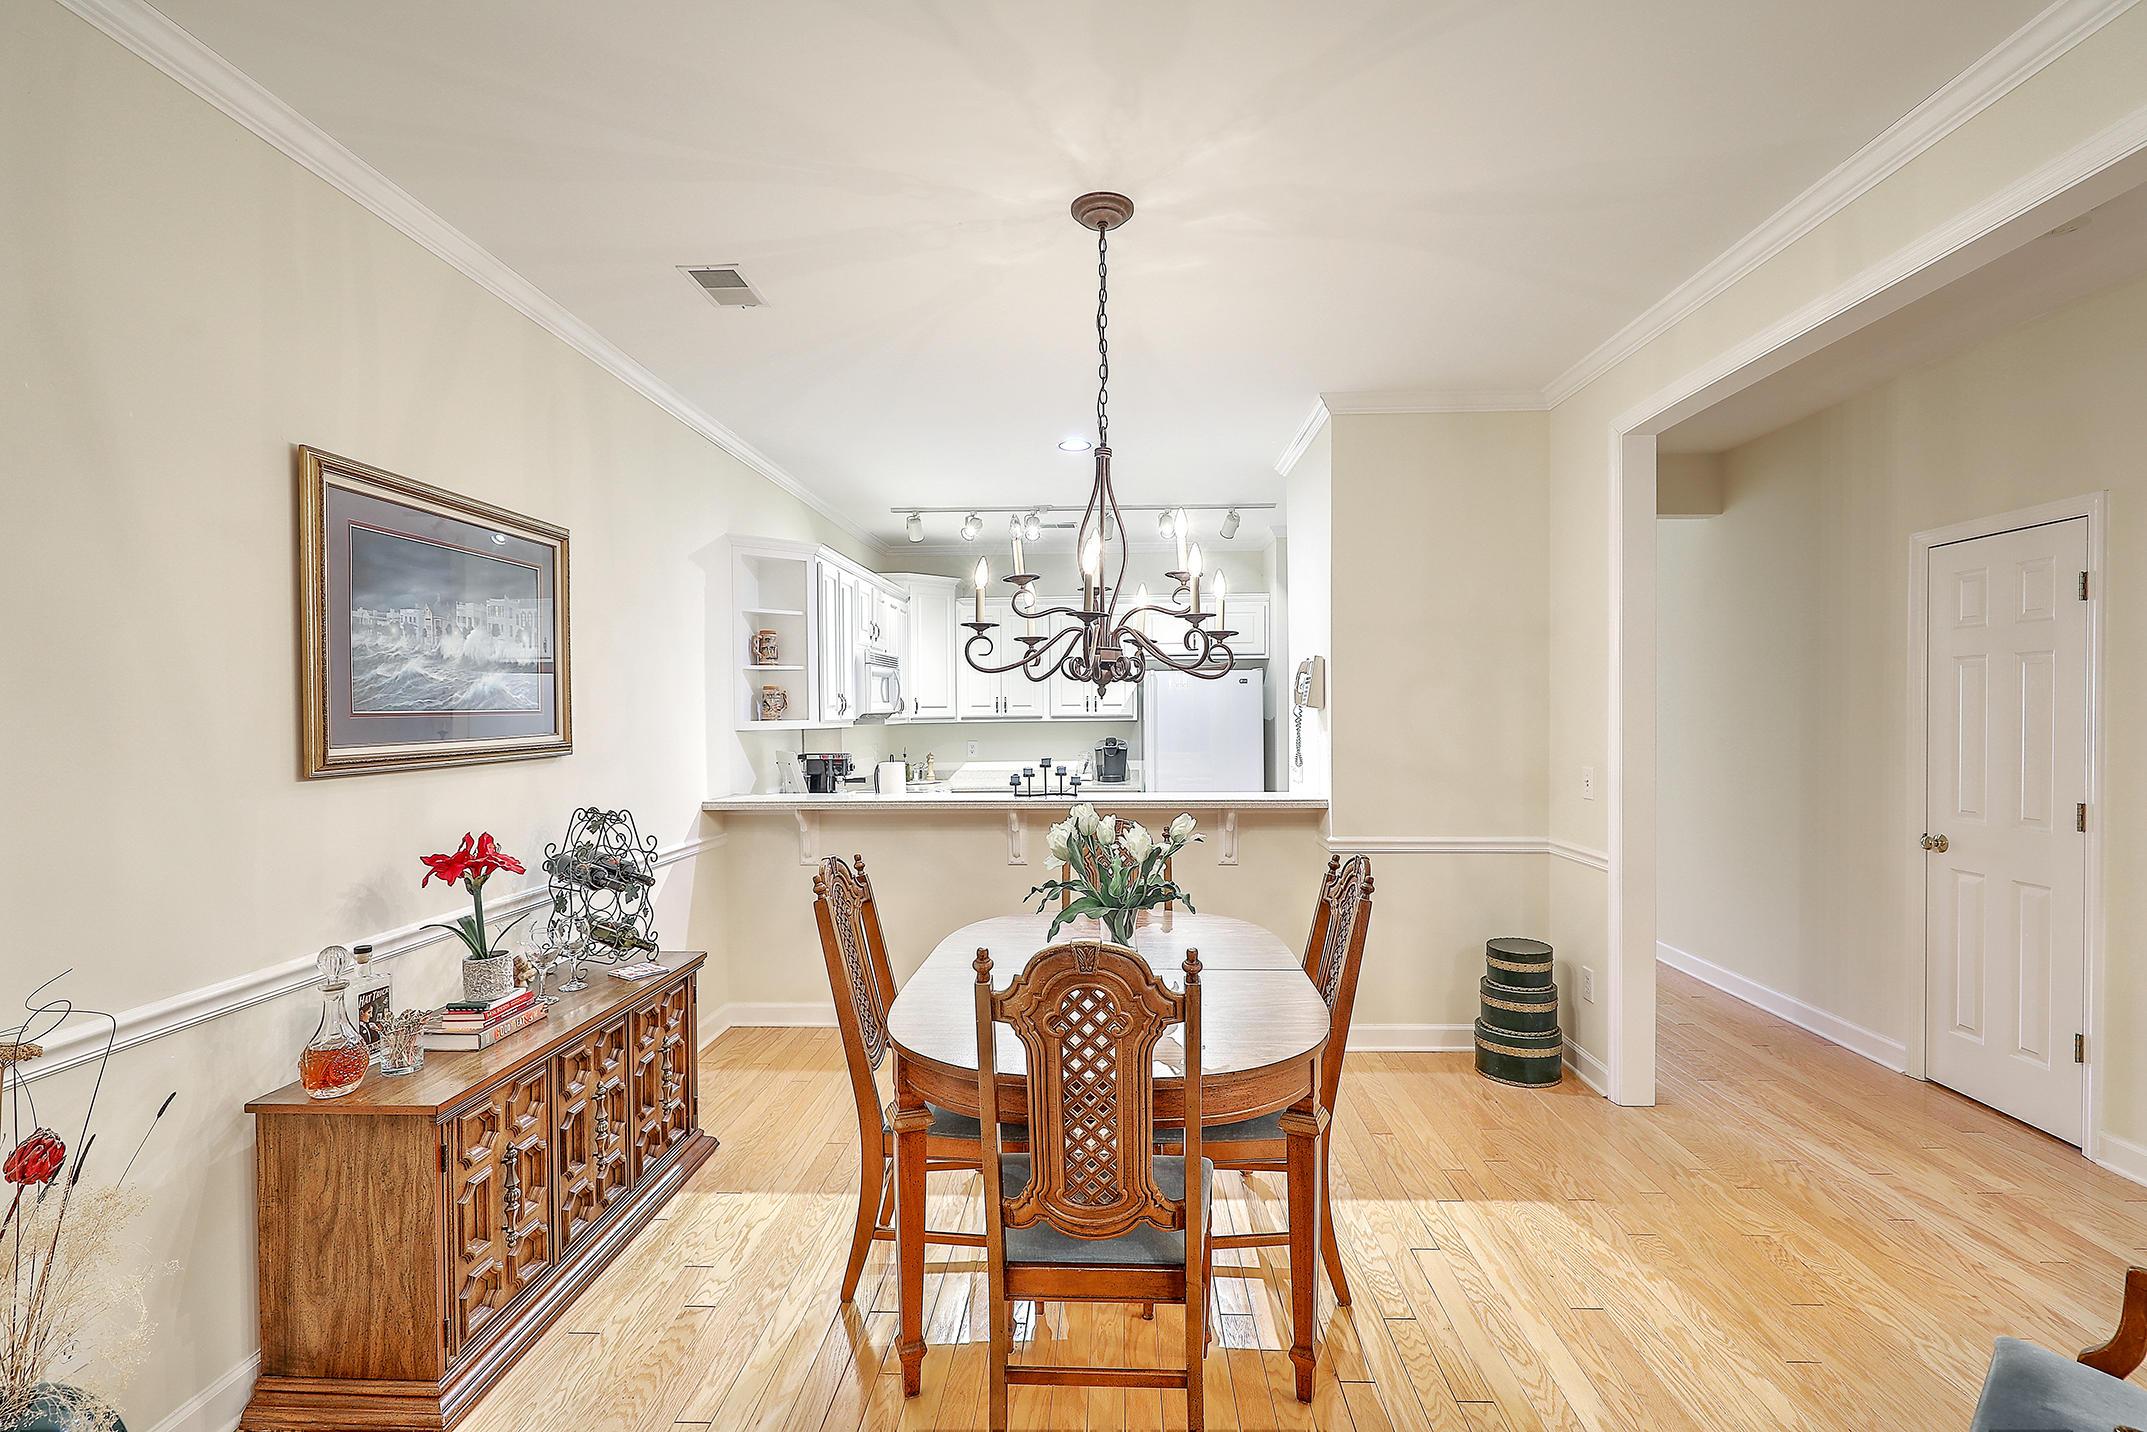 Dunes West Homes For Sale - 163 Fair Sailing, Mount Pleasant, SC - 7